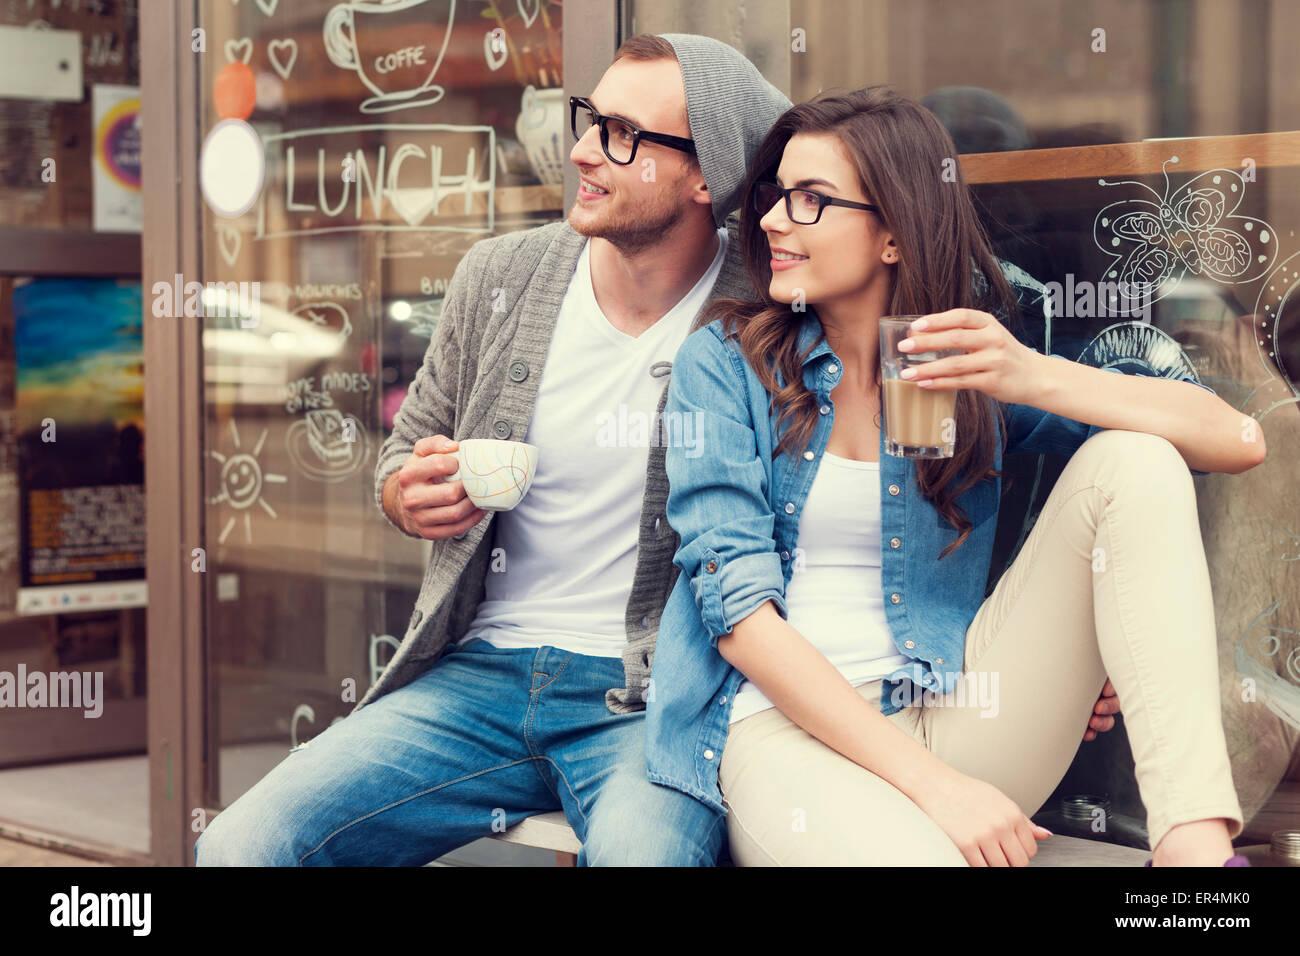 Ritratto di giovane ed elegante a al di fuori del cafe. Cracovia in Polonia Immagini Stock